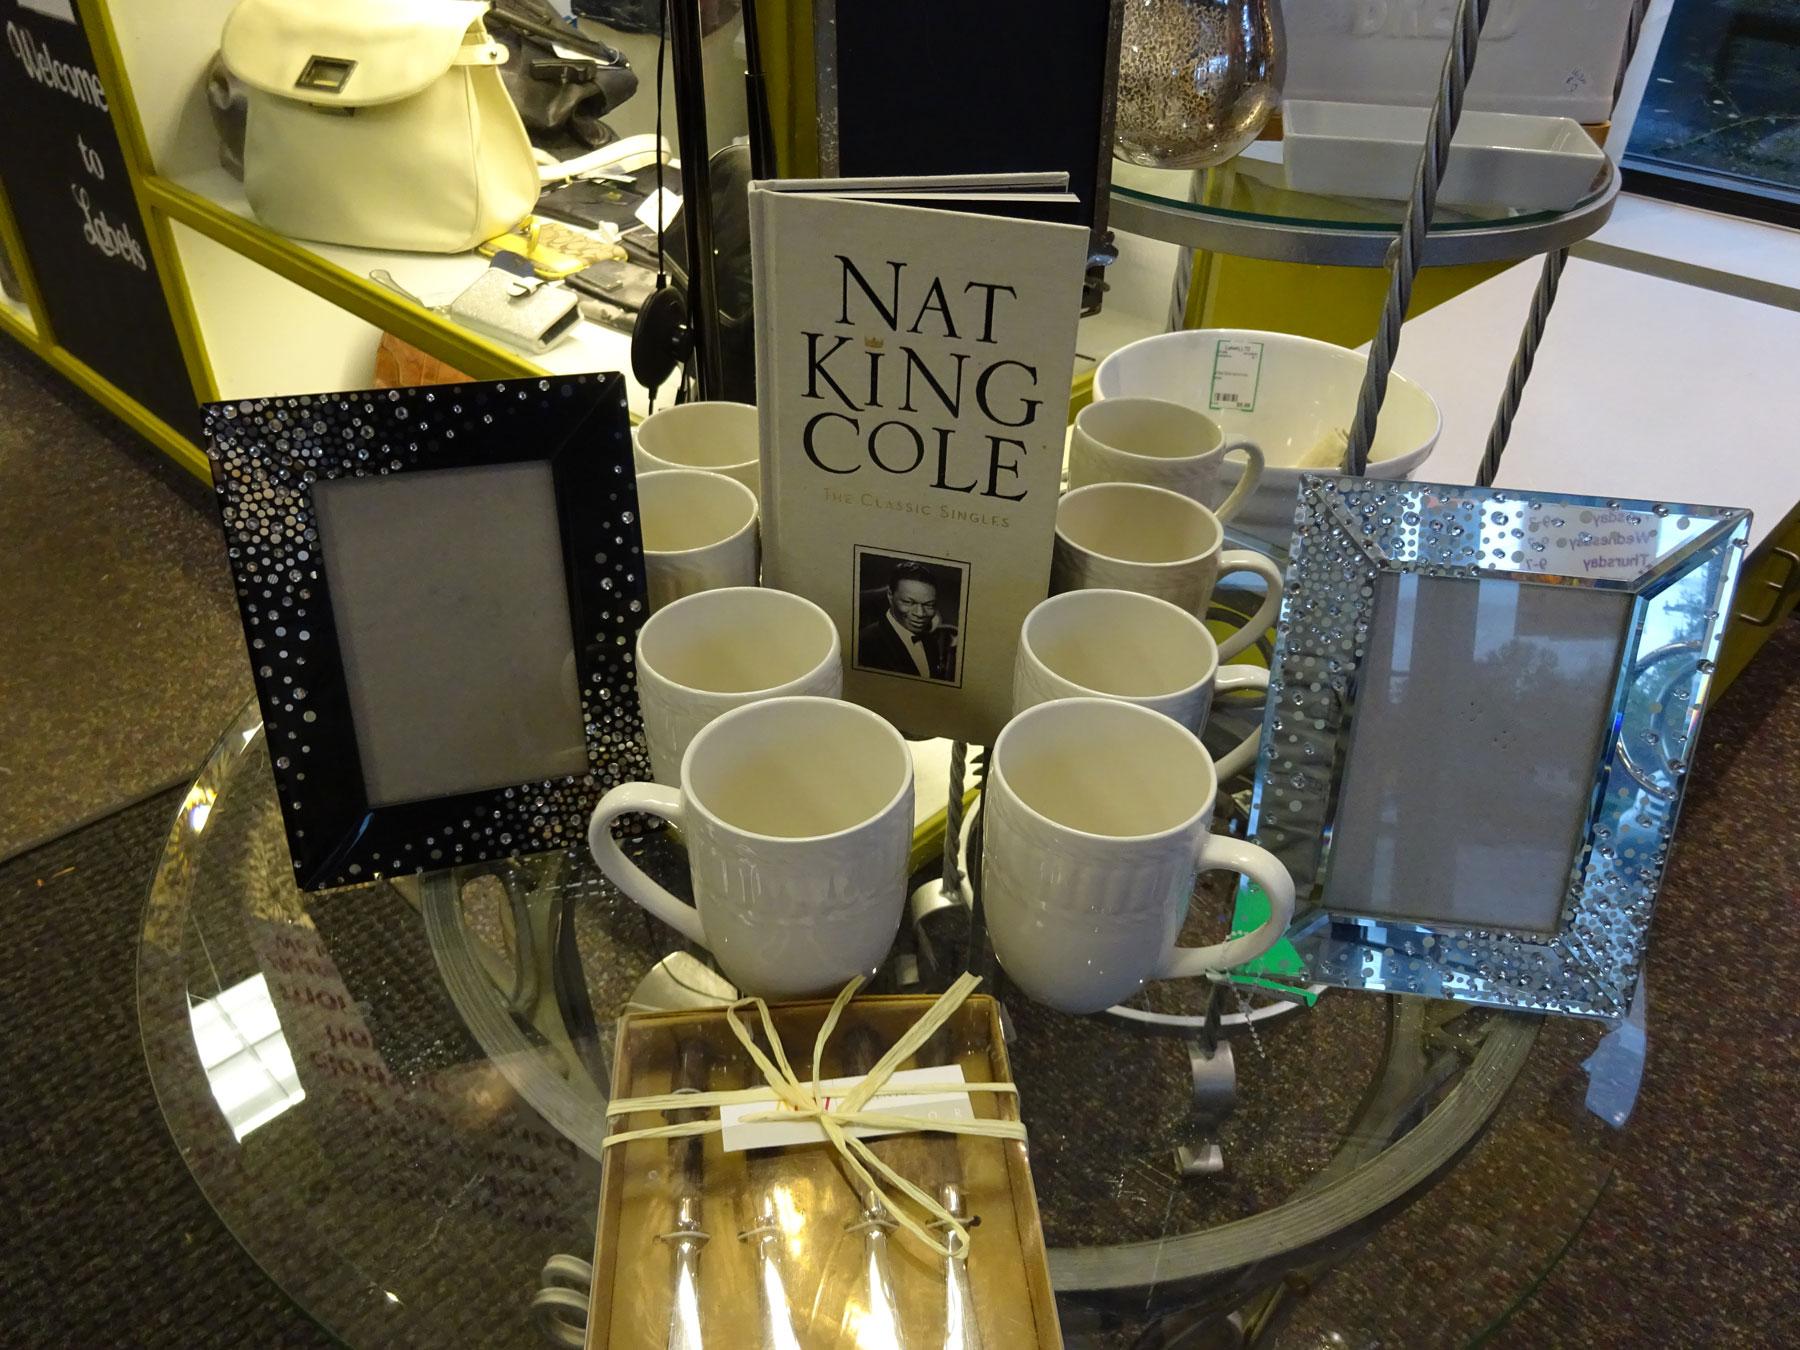 DSC00866-nat-king-cole-1800x1350